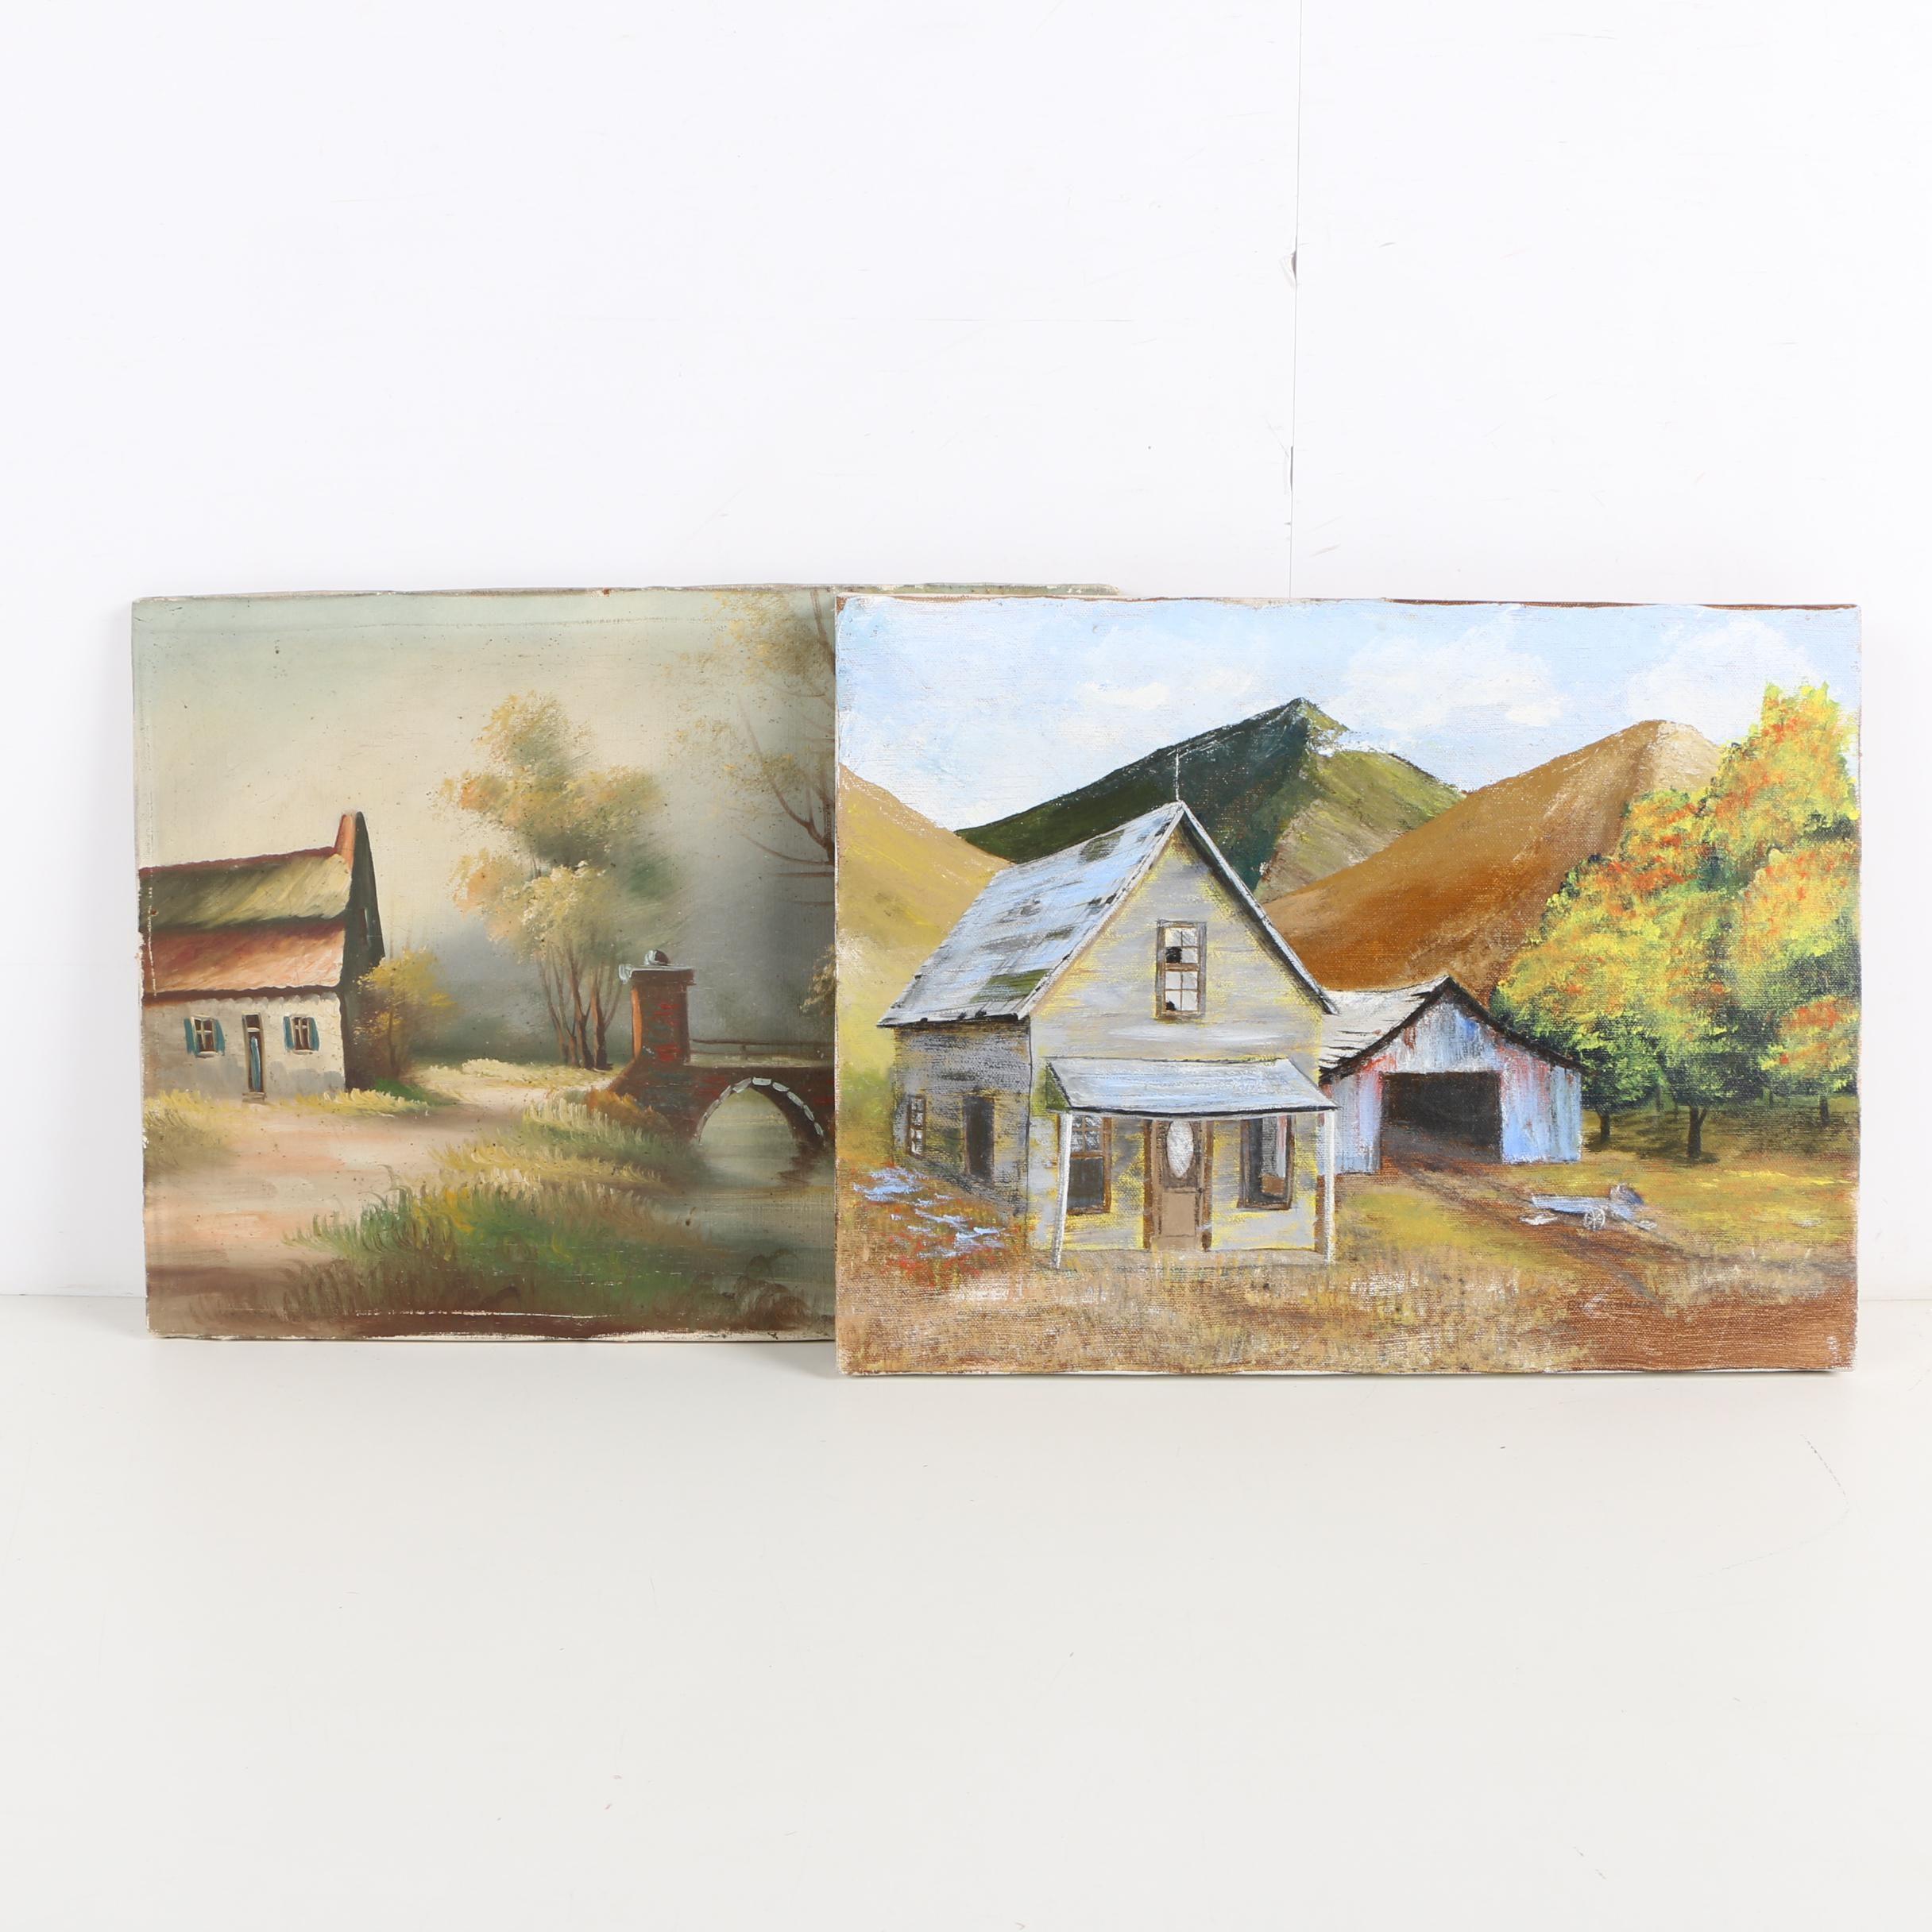 Oil Paintings of Rustic Houses